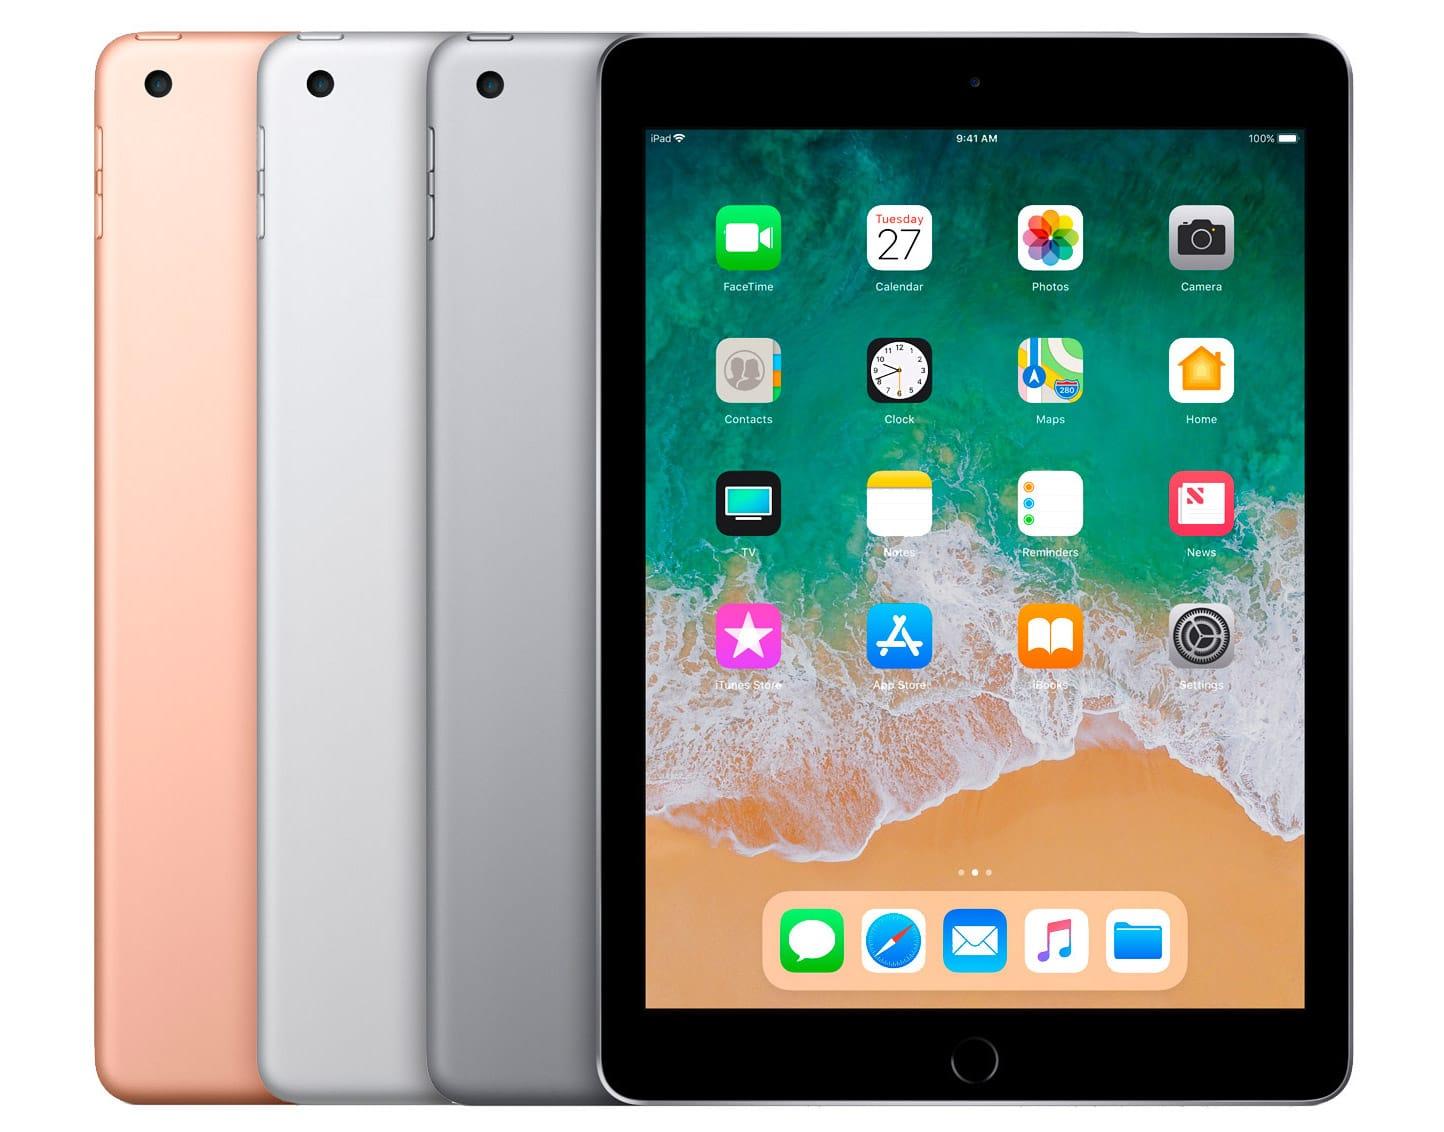 Специалисты признали iPad 2018 года непригодным для ремонта